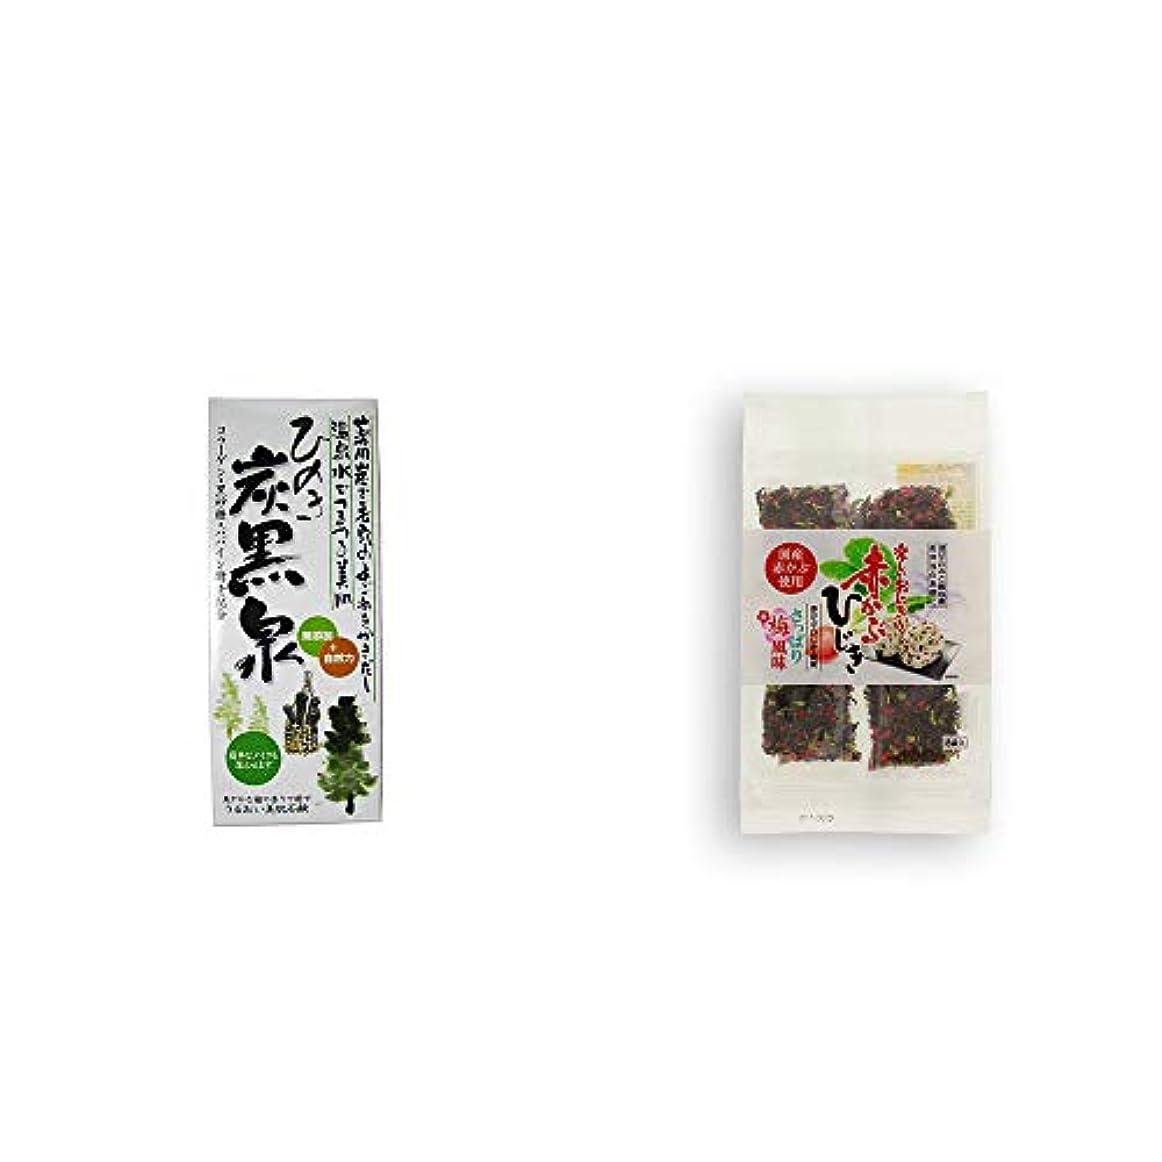 最大限コマース魅了する[2点セット] ひのき炭黒泉 箱入り(75g×3)?楽しいおにぎり 赤かぶひじき(8g×8袋)